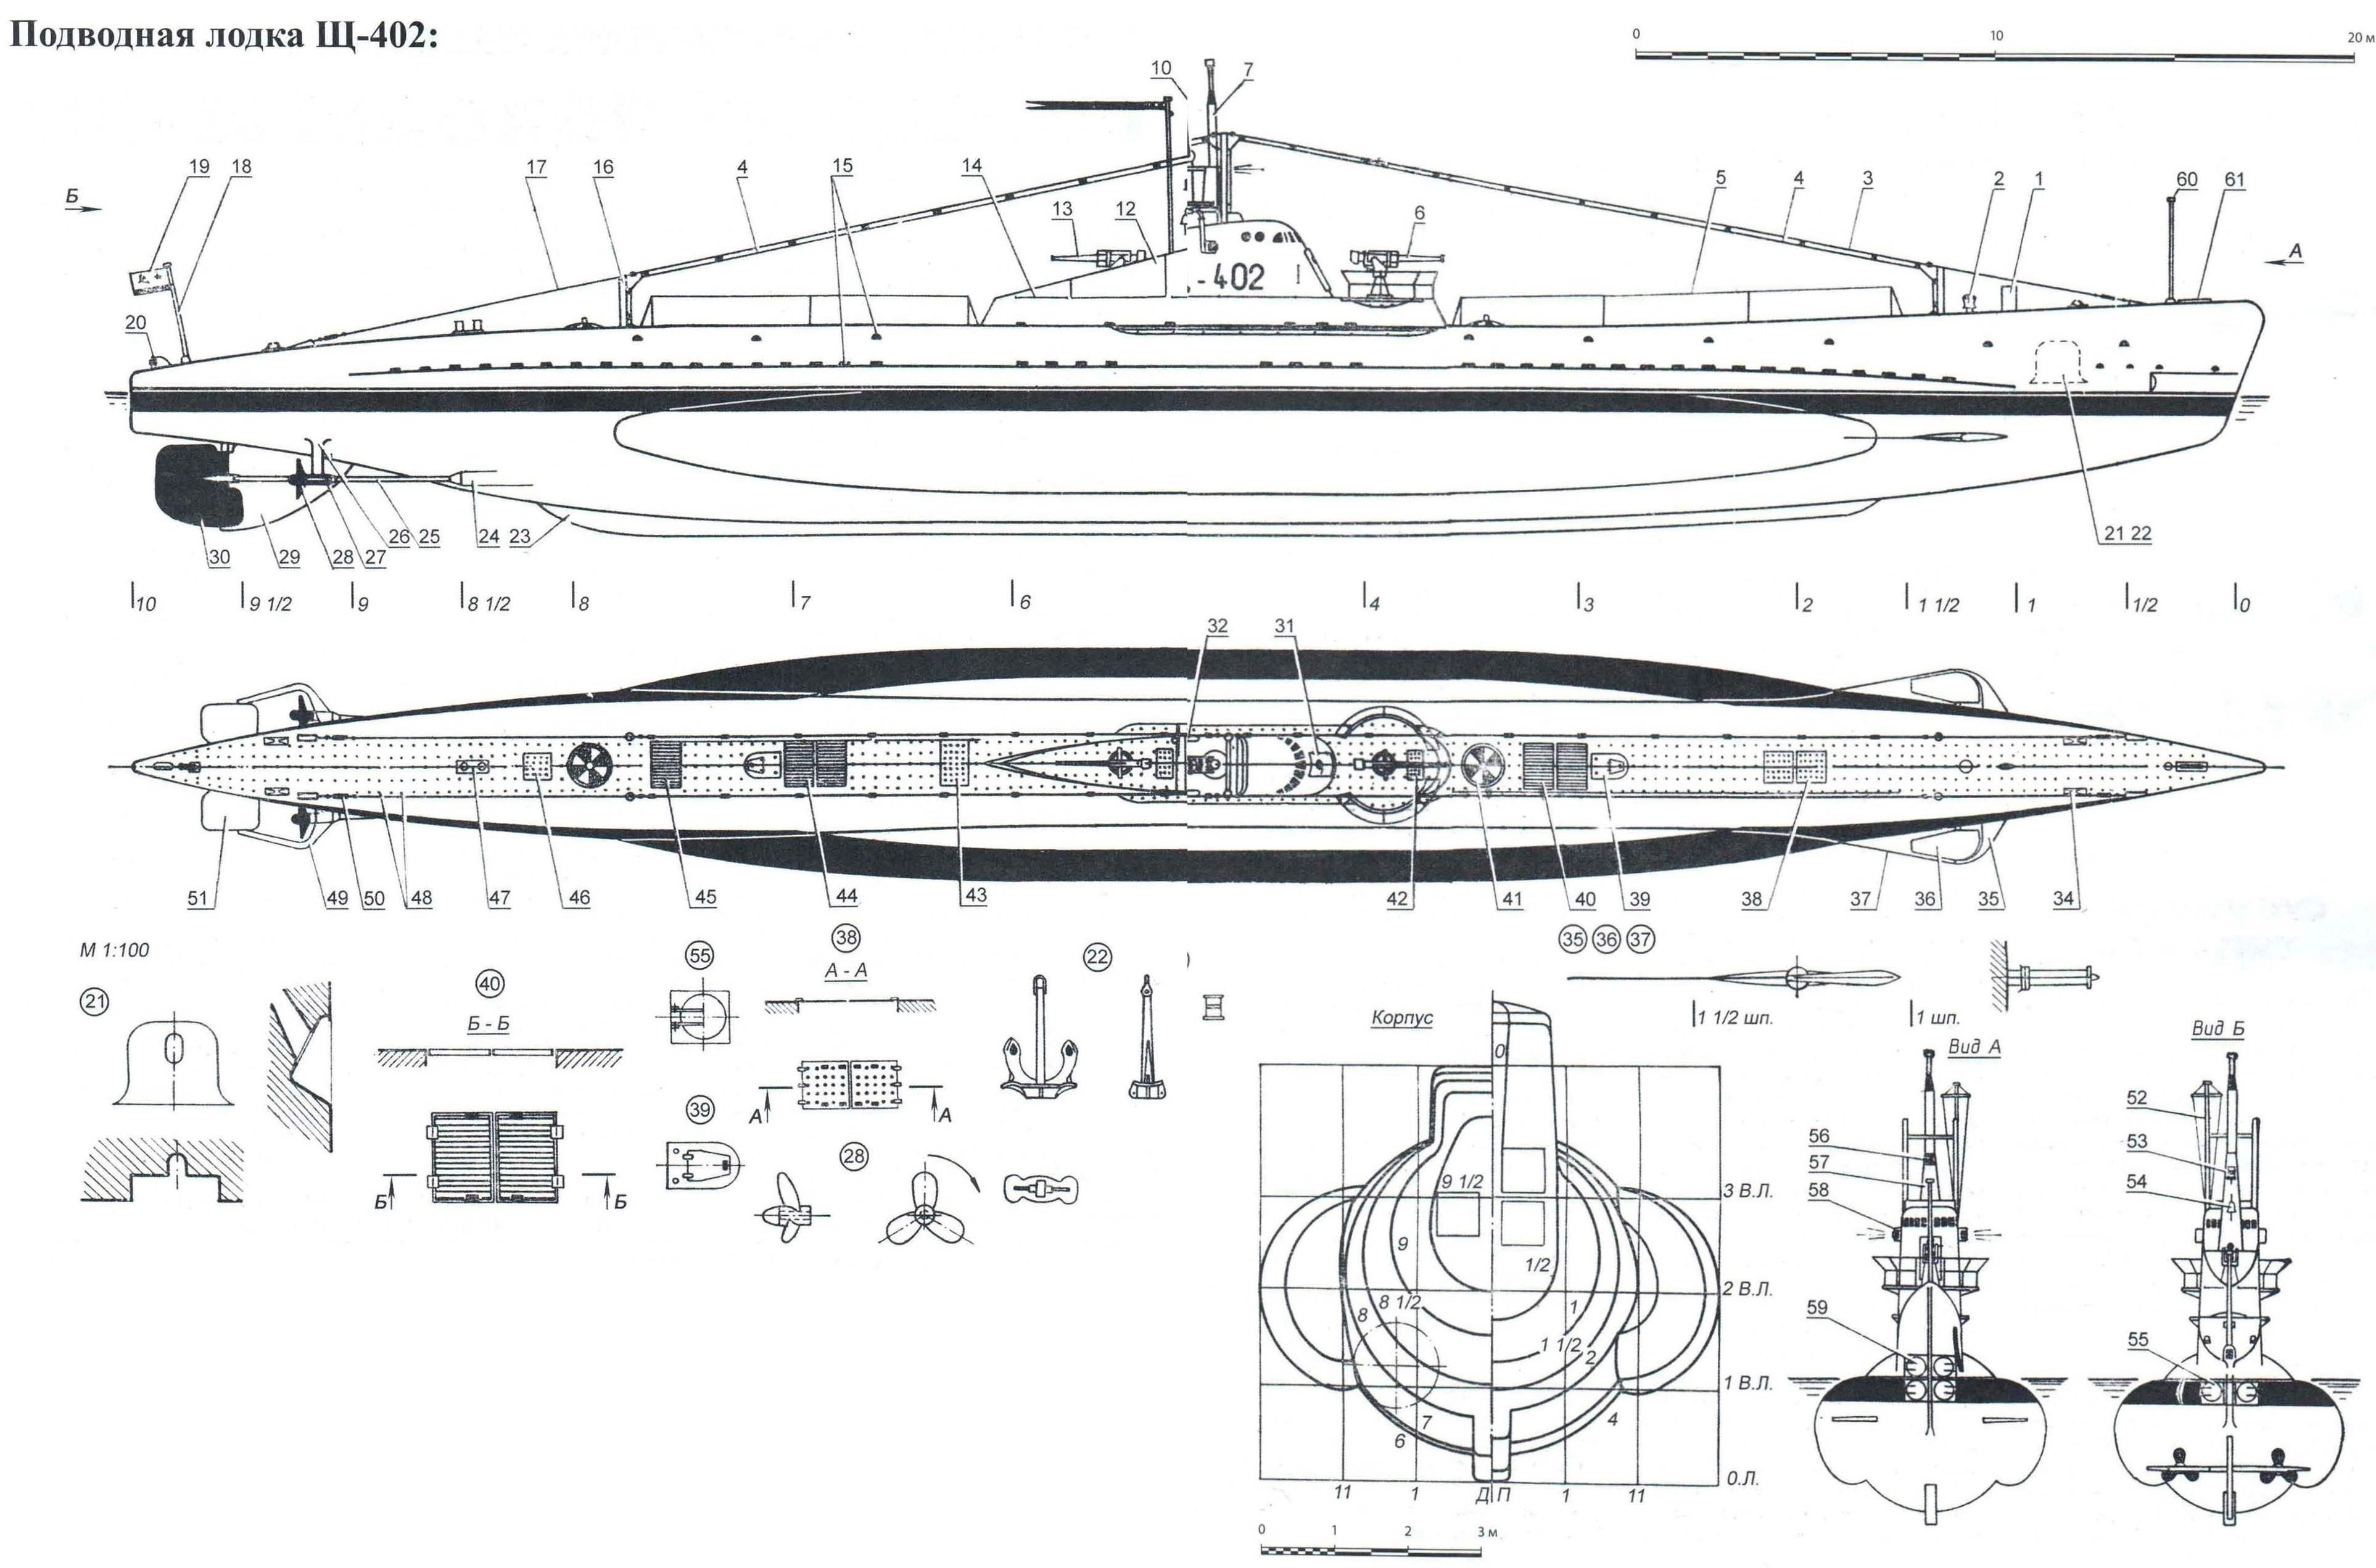 Подводная лодка Щ-402